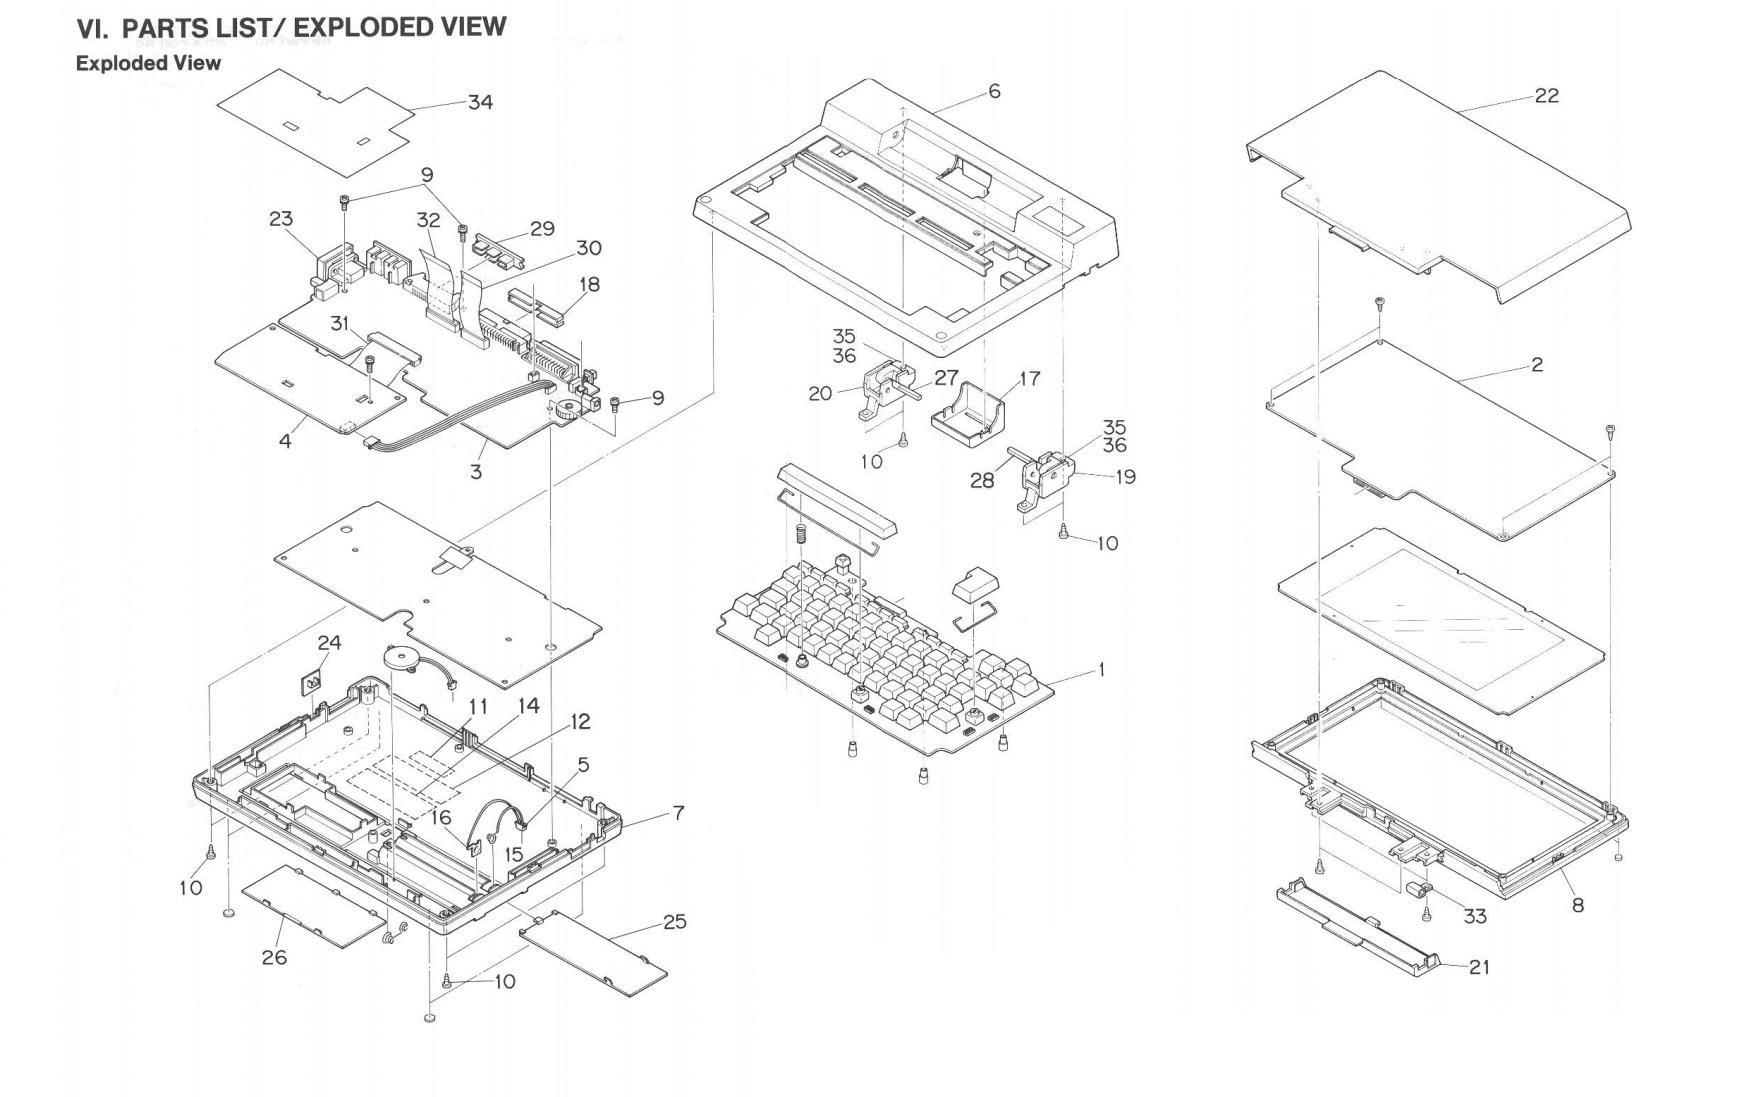 Ноутбук Tandy TRS-80 model 200 - 9